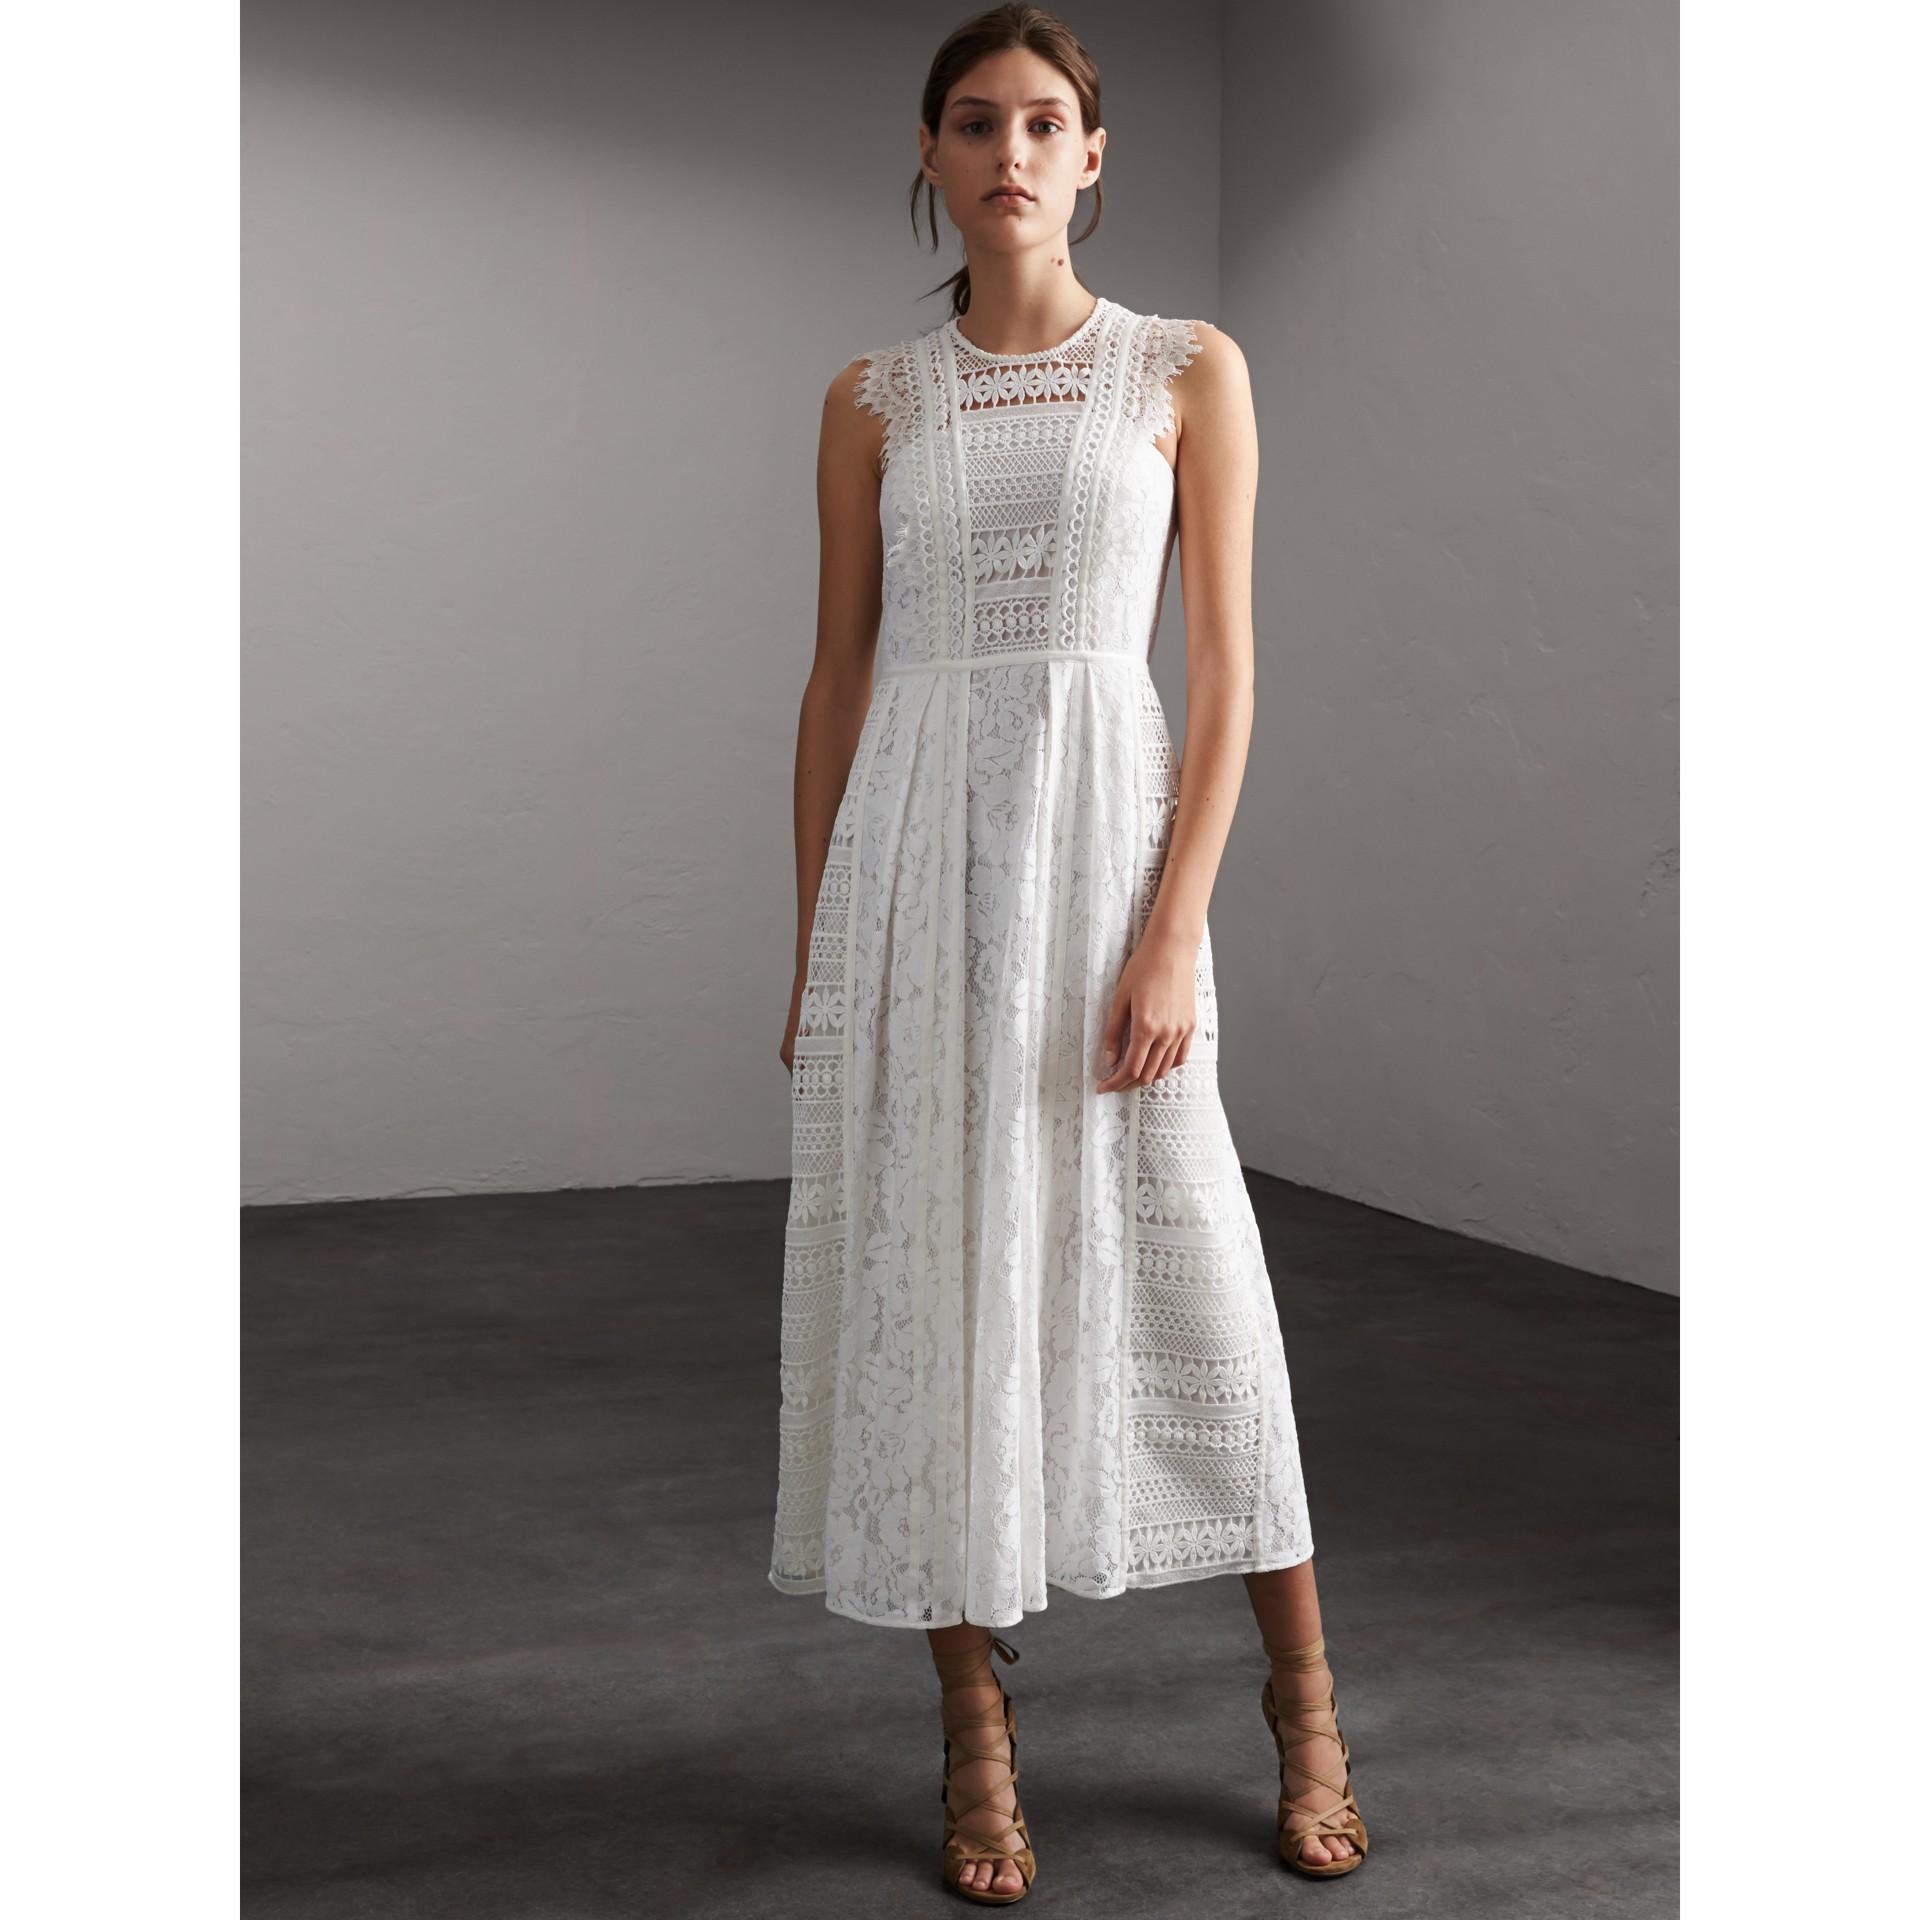 スリーブレス マクラメレース ドレス - ウィメンズ | バーバリー - ギャラリーイメージ 6